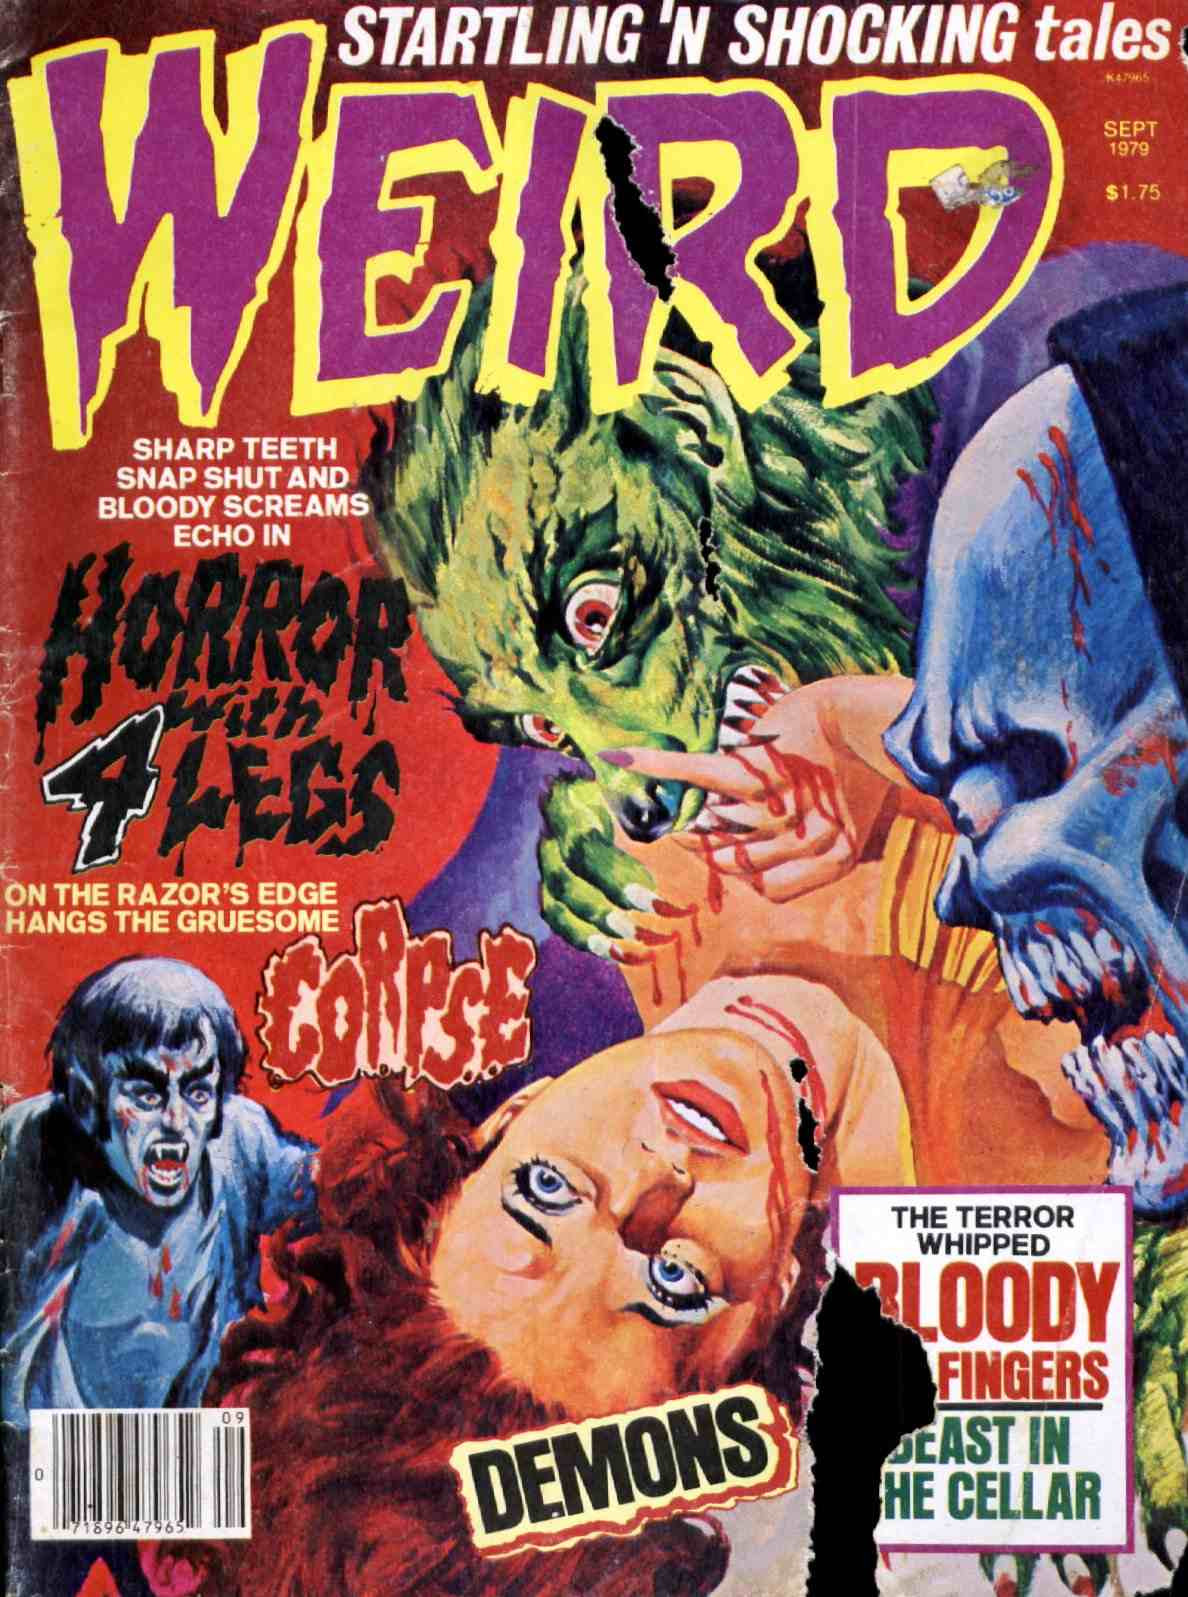 Weird Vol. 08 #2 (Eerie Publications, 1974)